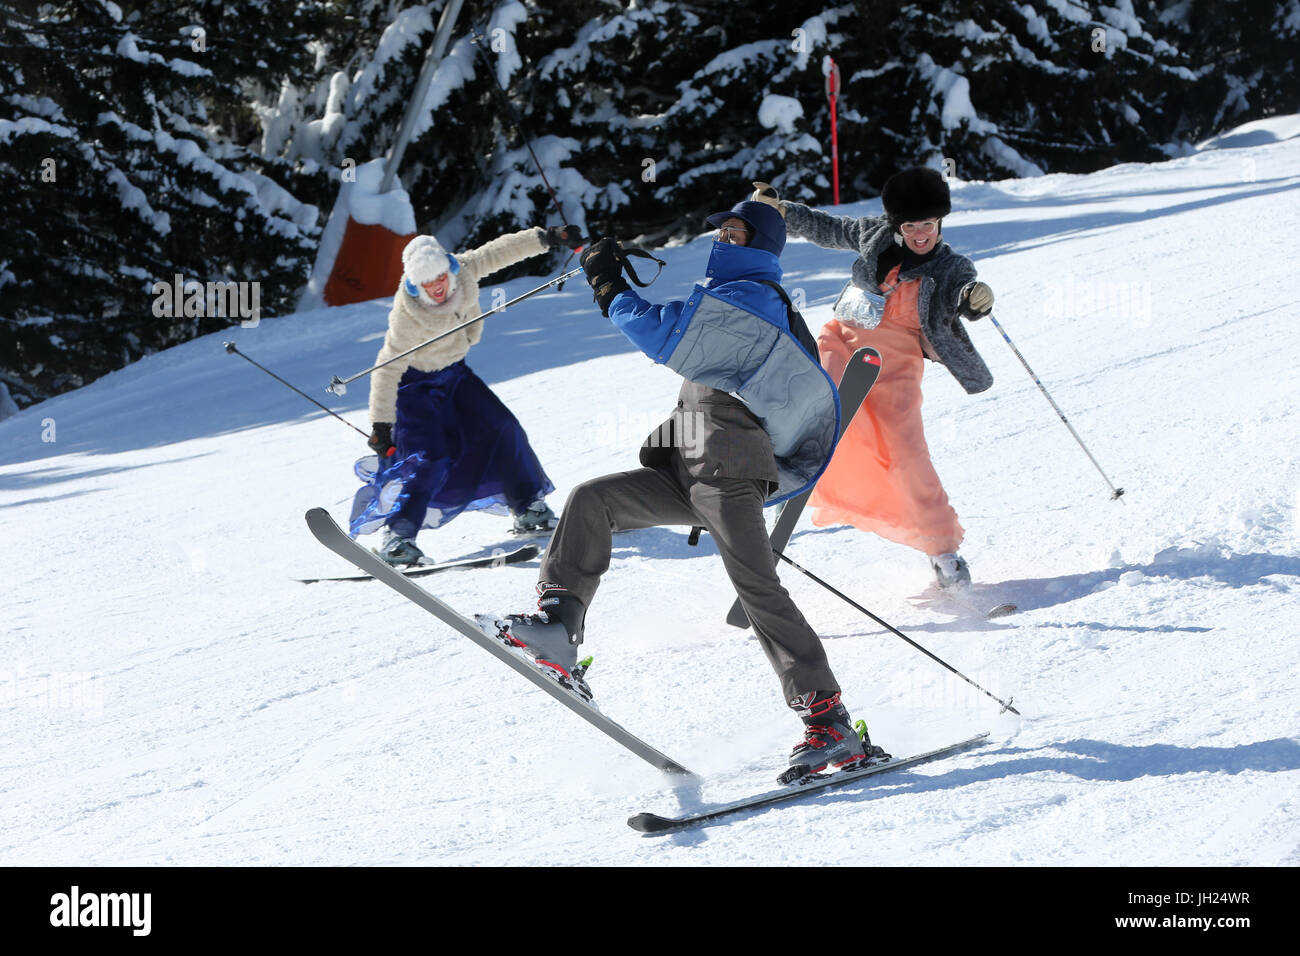 Animateurs skiant sur une piste des Alpes. La Francia. Immagini Stock